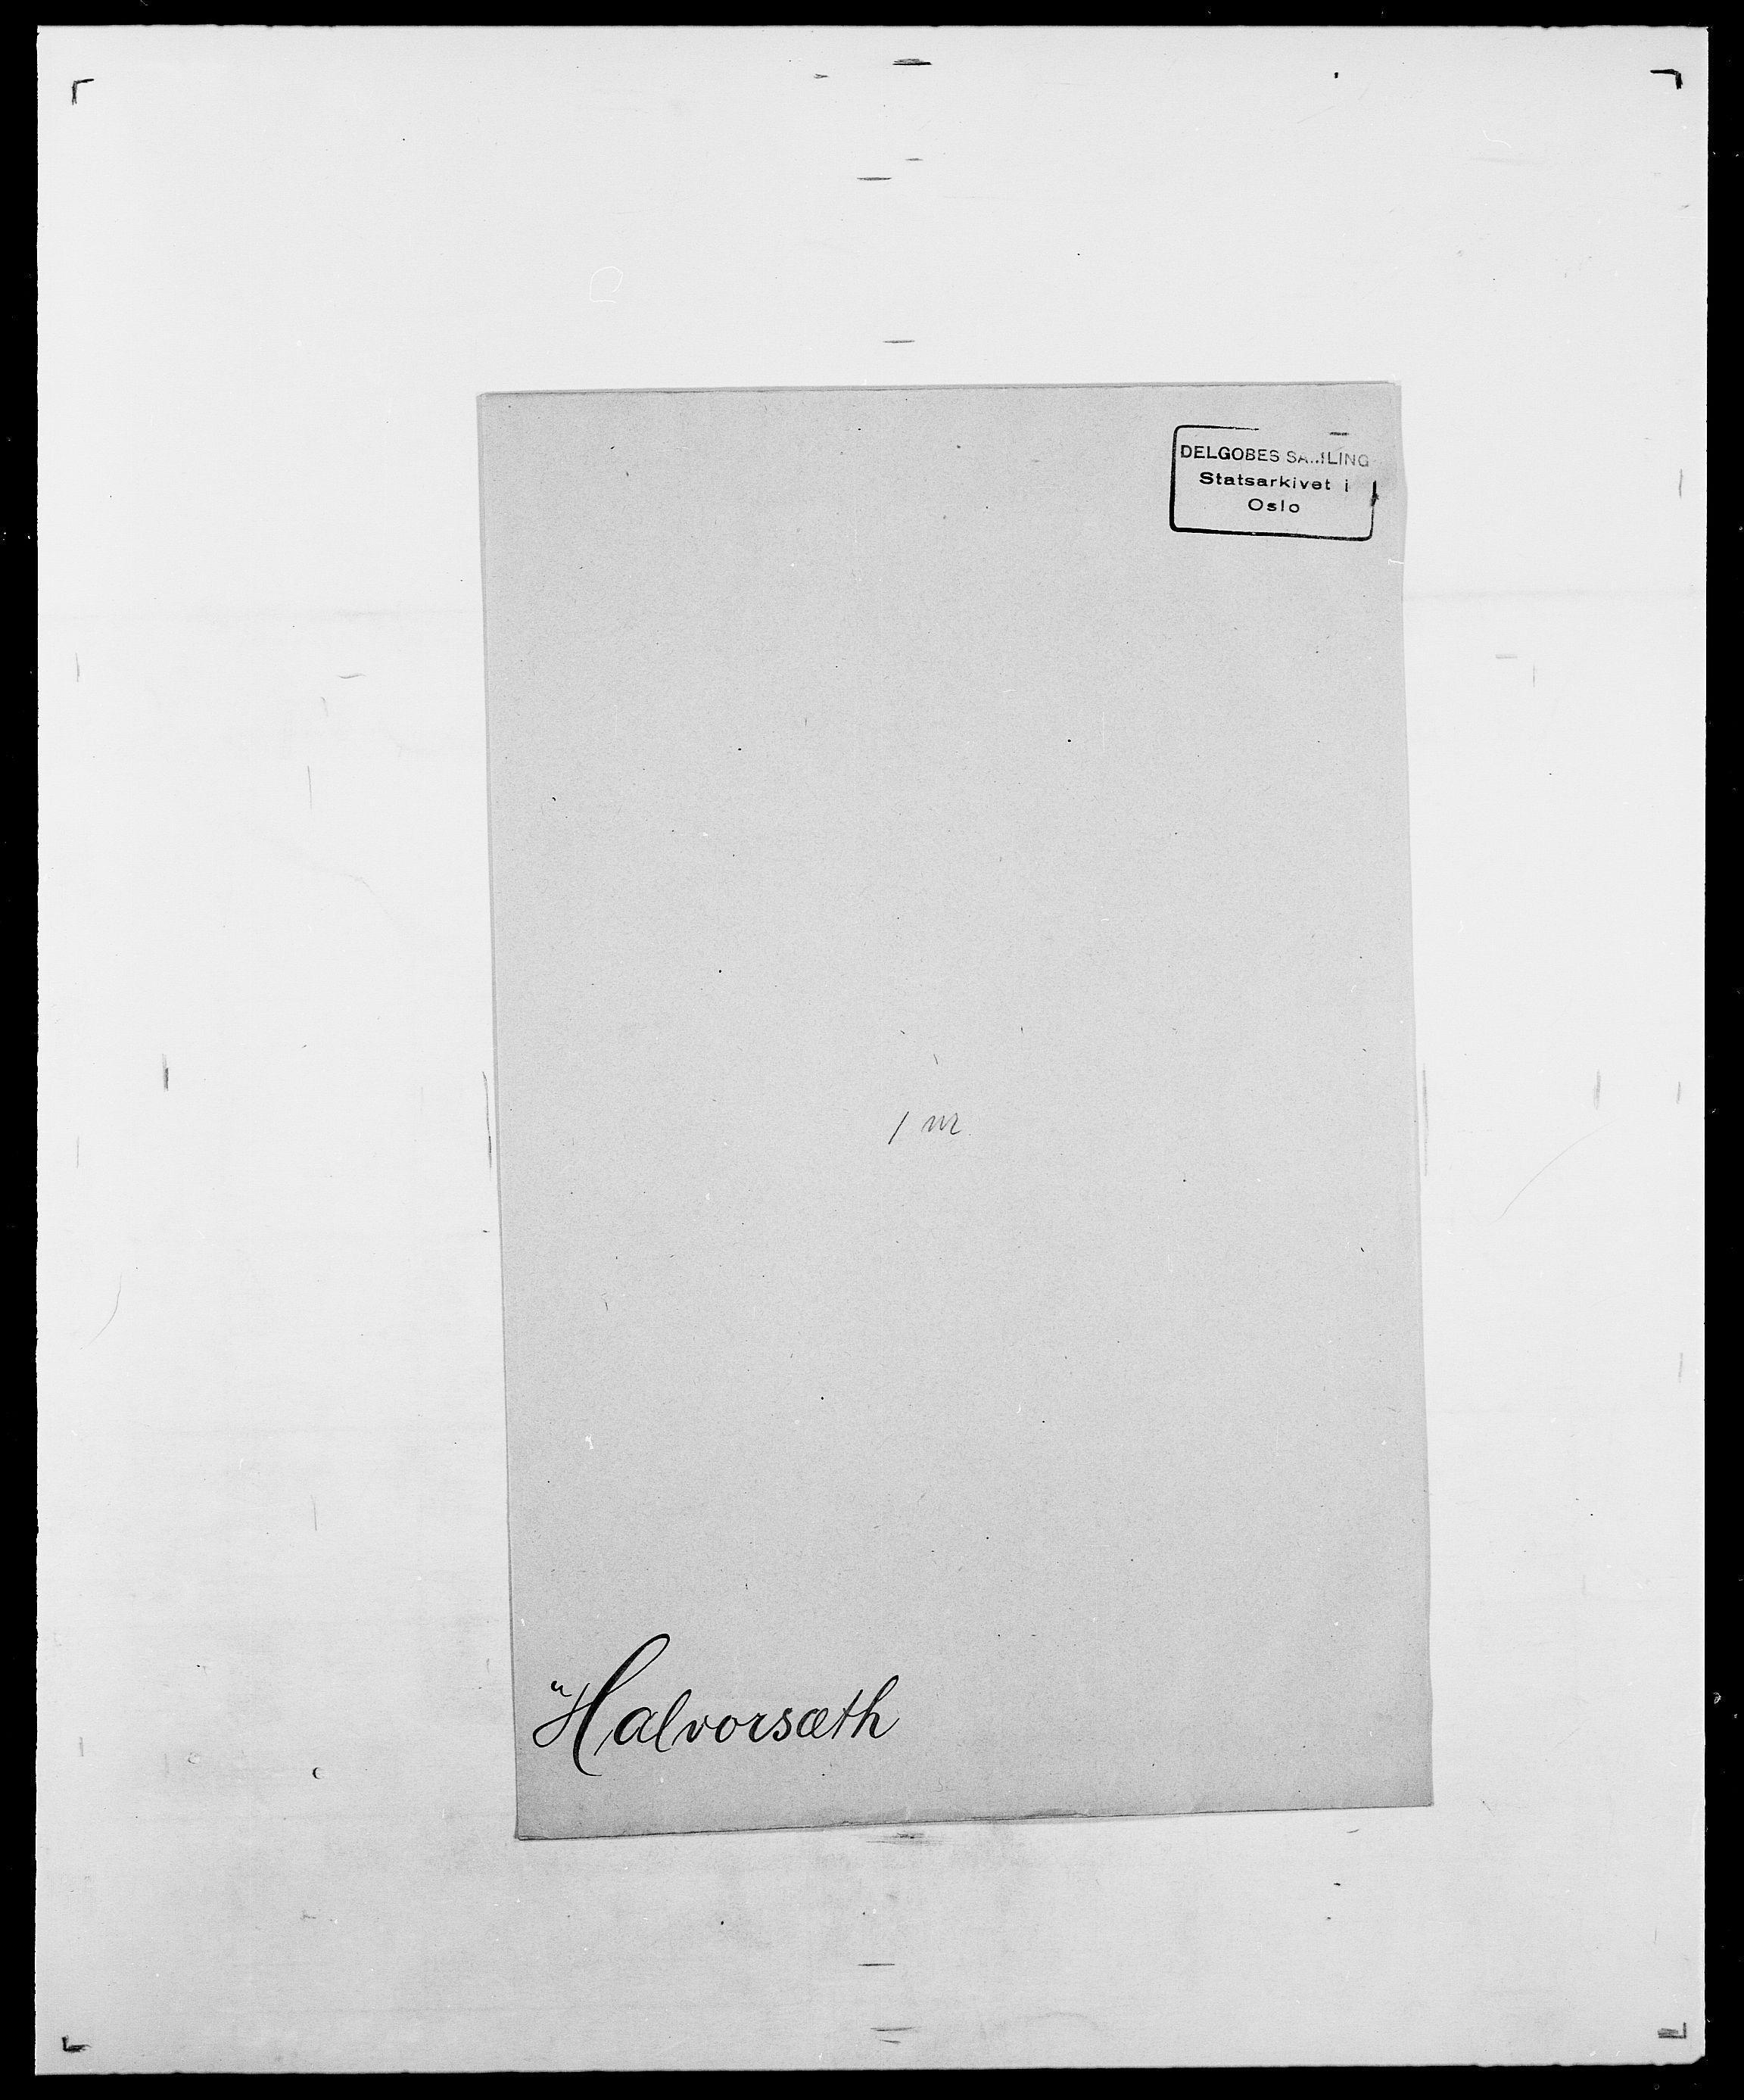 SAO, Delgobe, Charles Antoine - samling, D/Da/L0015: Grodtshilling - Halvorsæth, s. 842